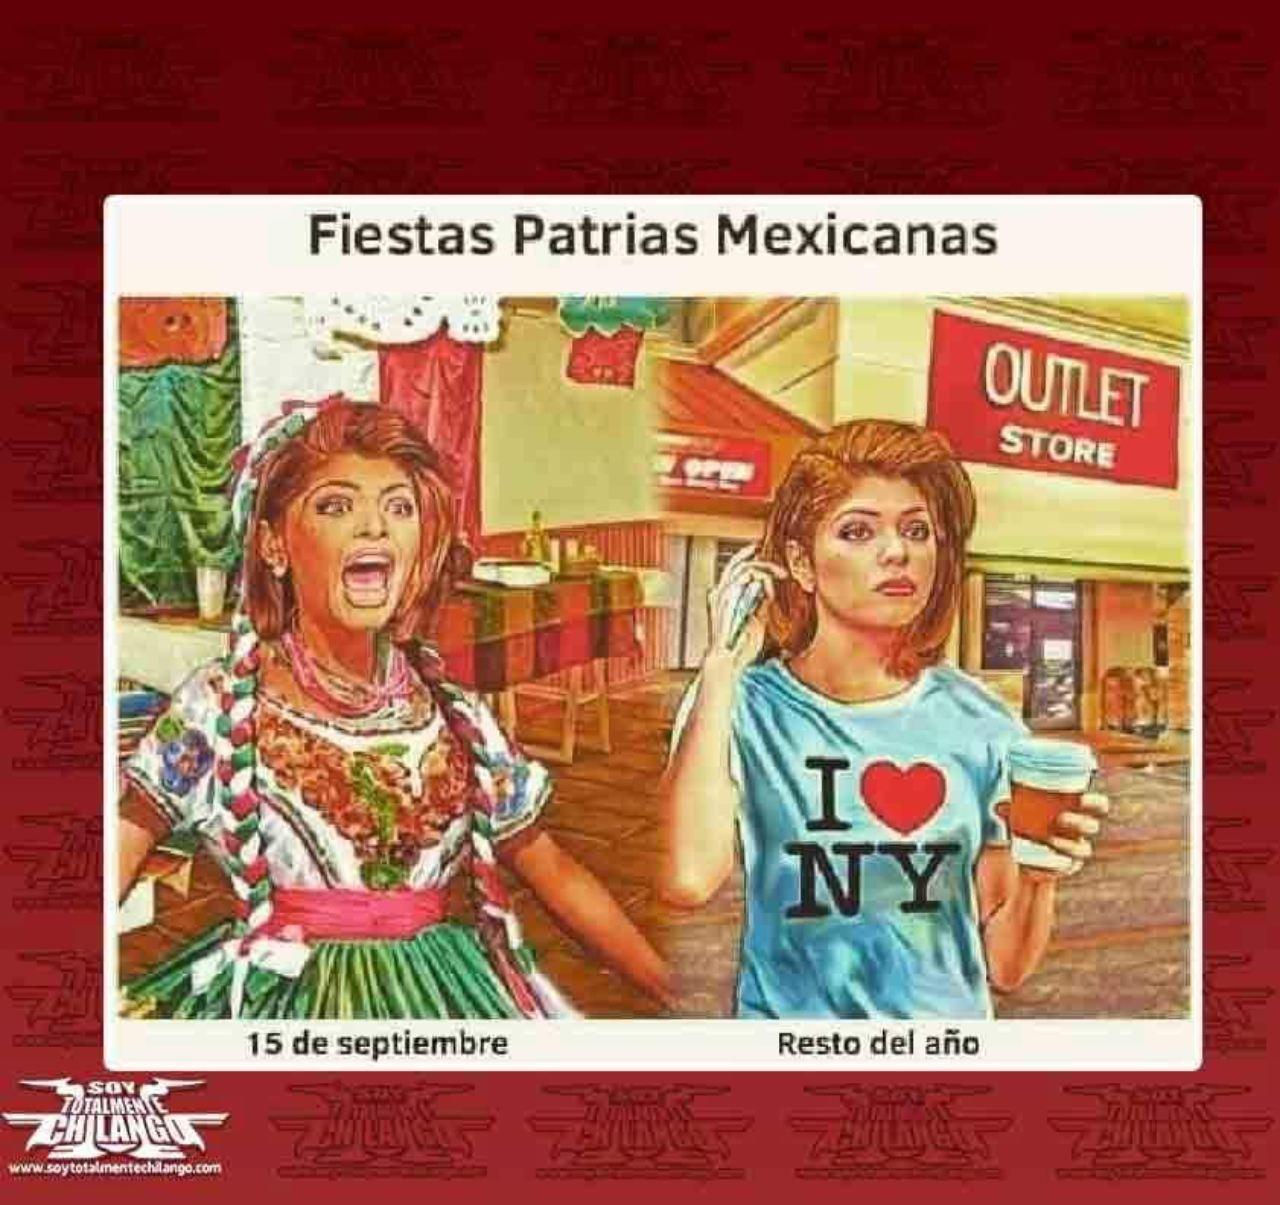 meme fiestas patrias mexicanas todo ano